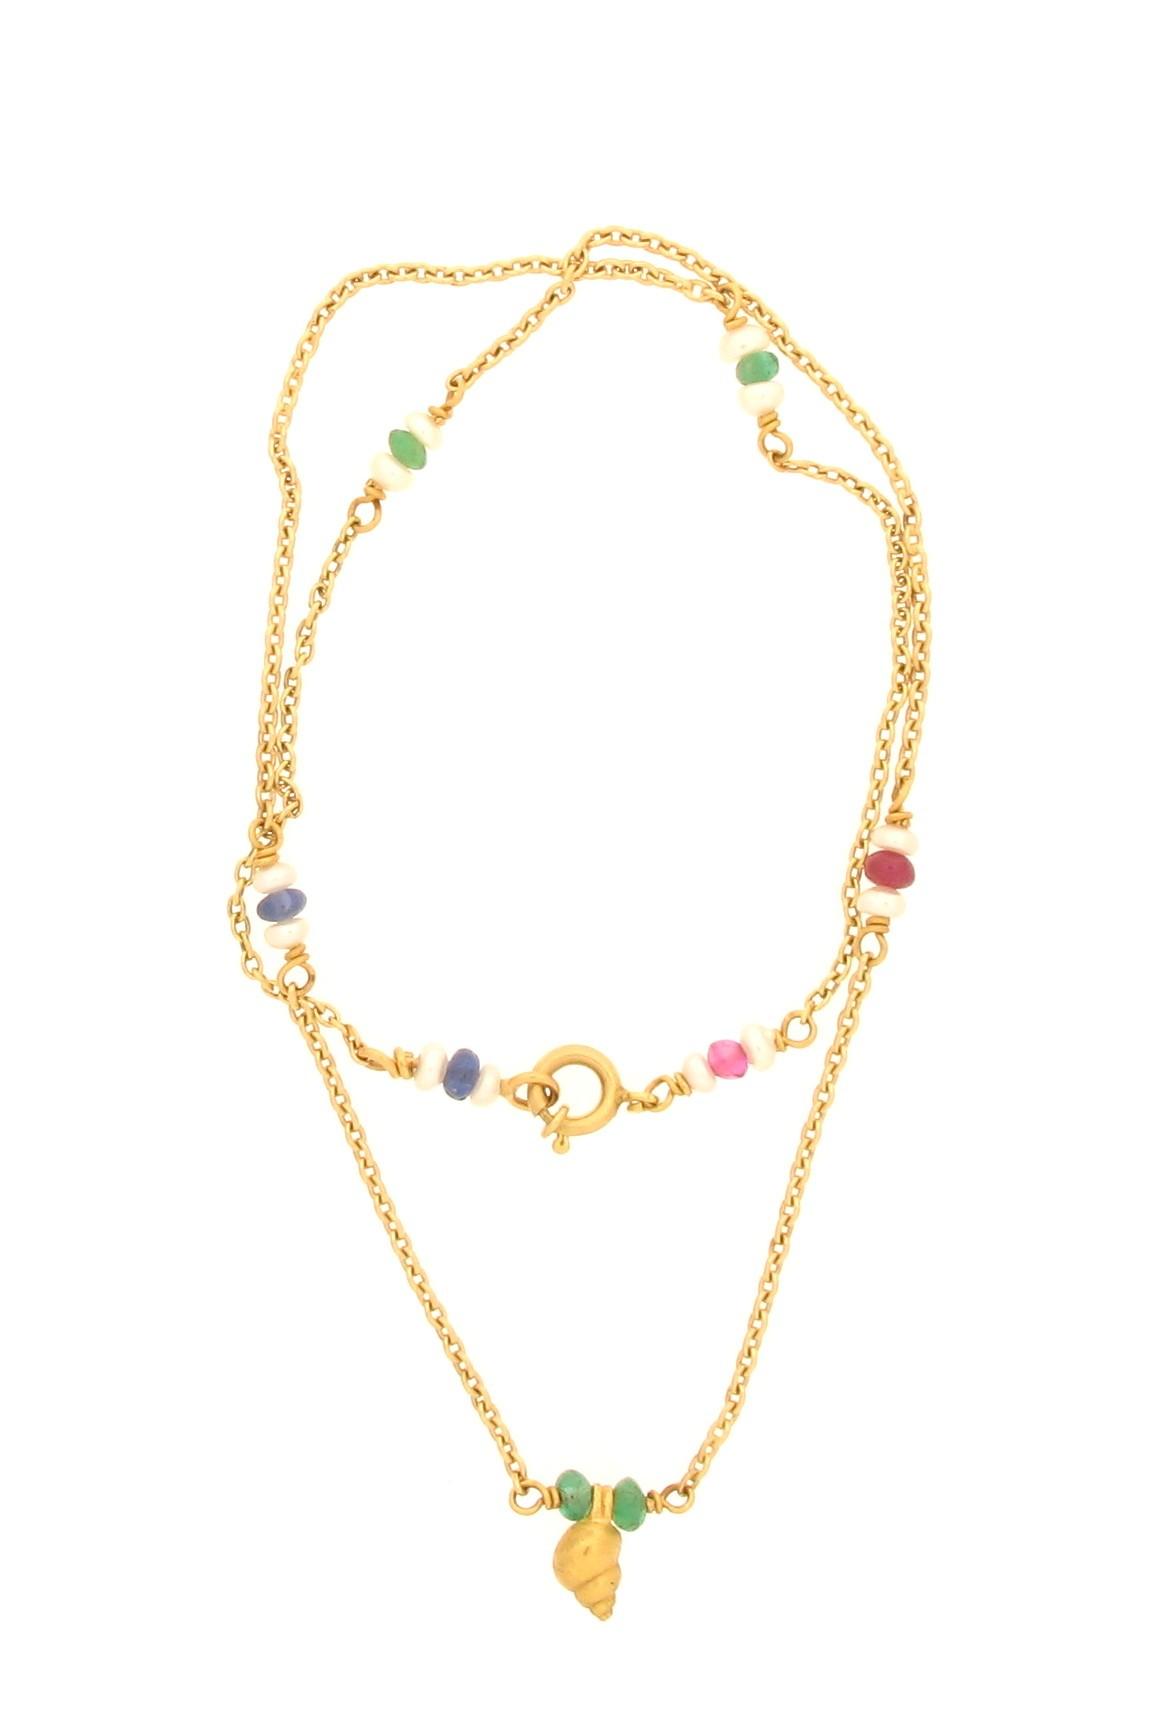 Kinderkette Schnecke 18ct Gold - GalerieVoigt - 234